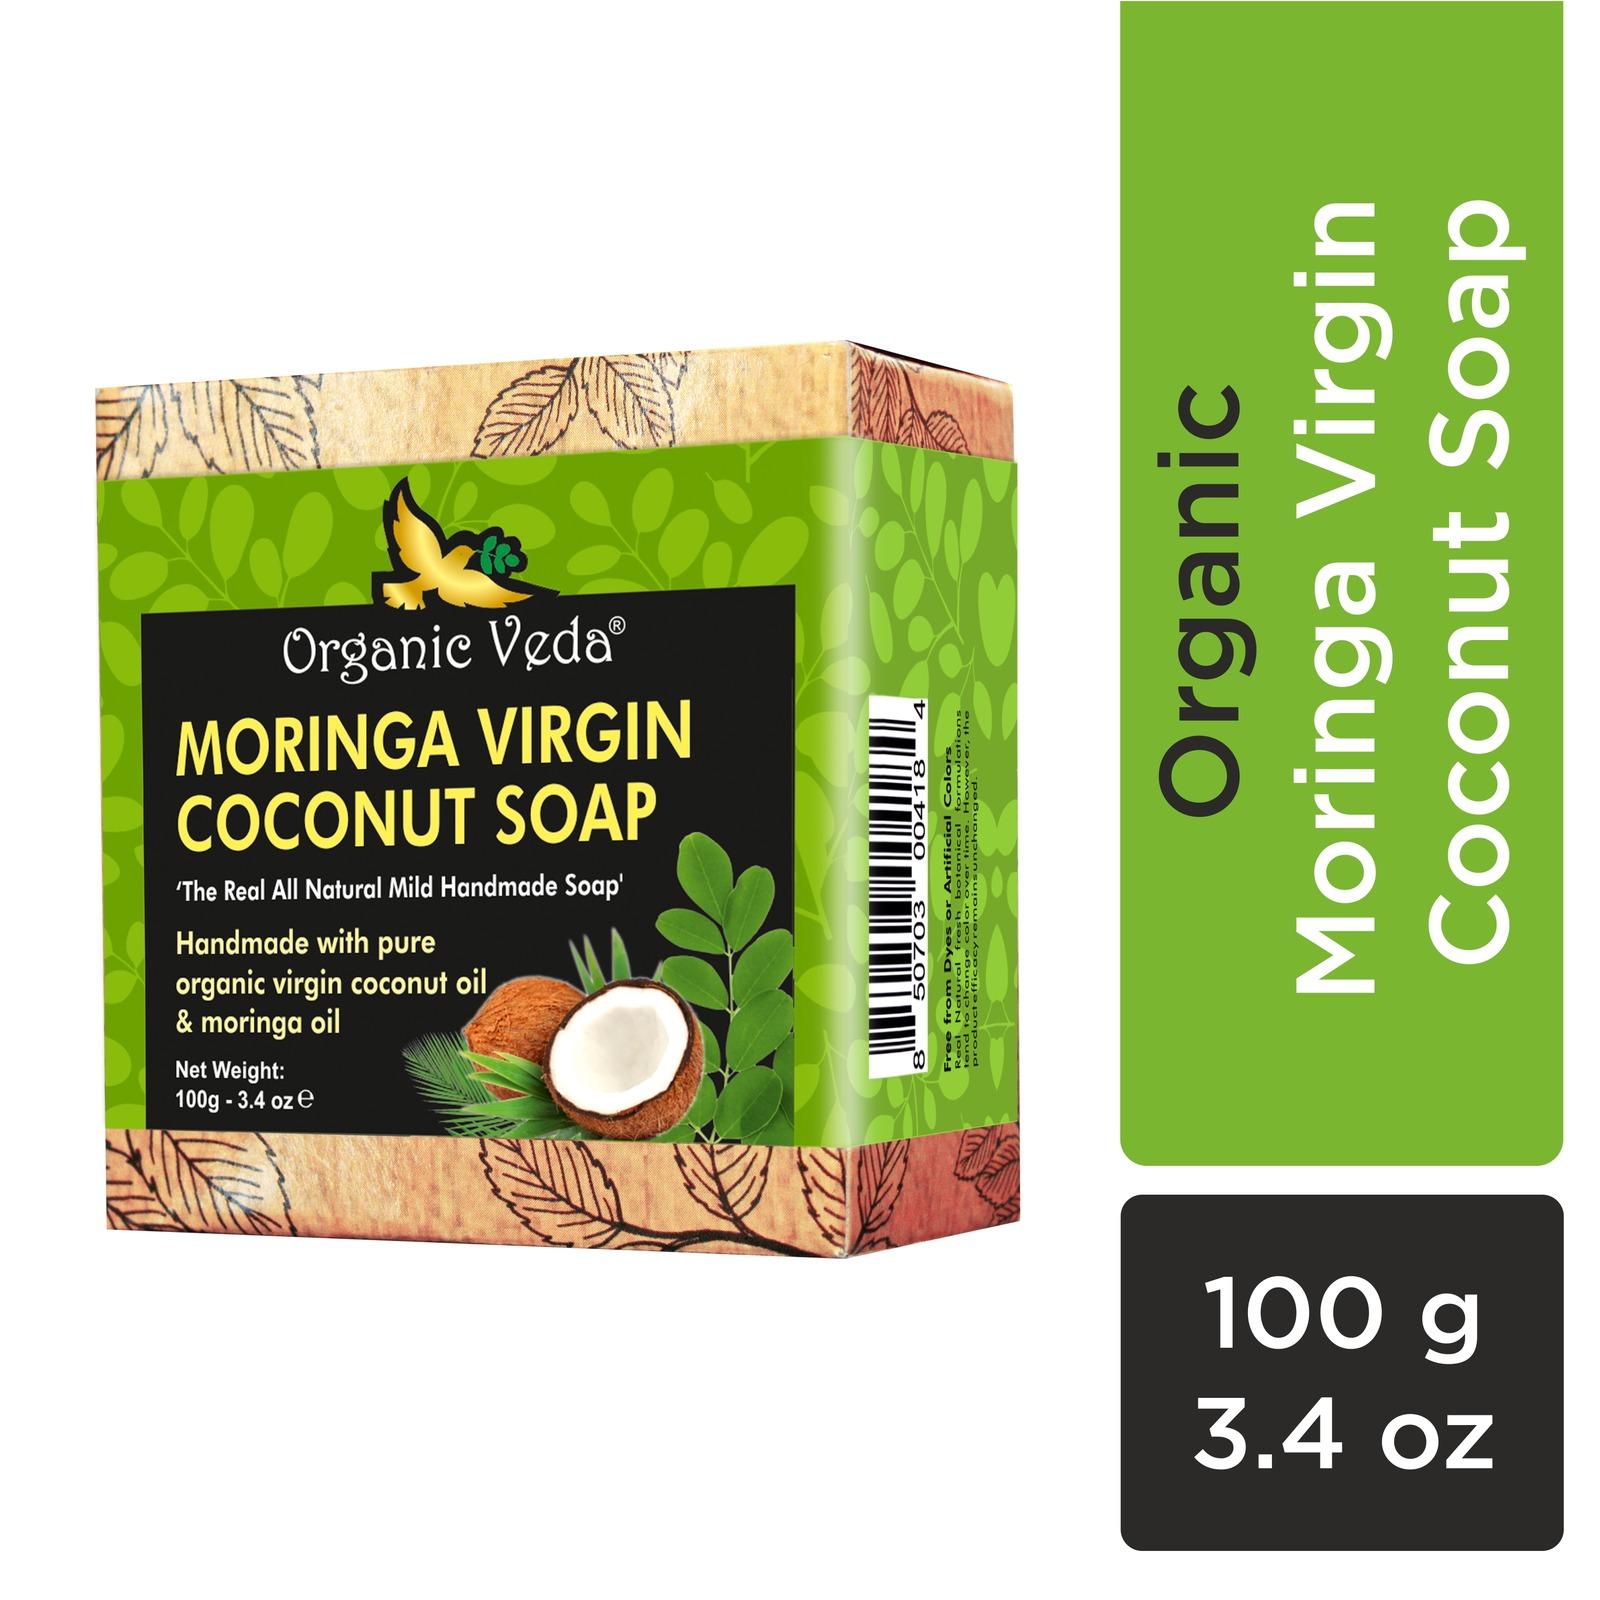 Organic Veda Moringa Virgin Coconut Soap 100 Grams / 3.4 oz